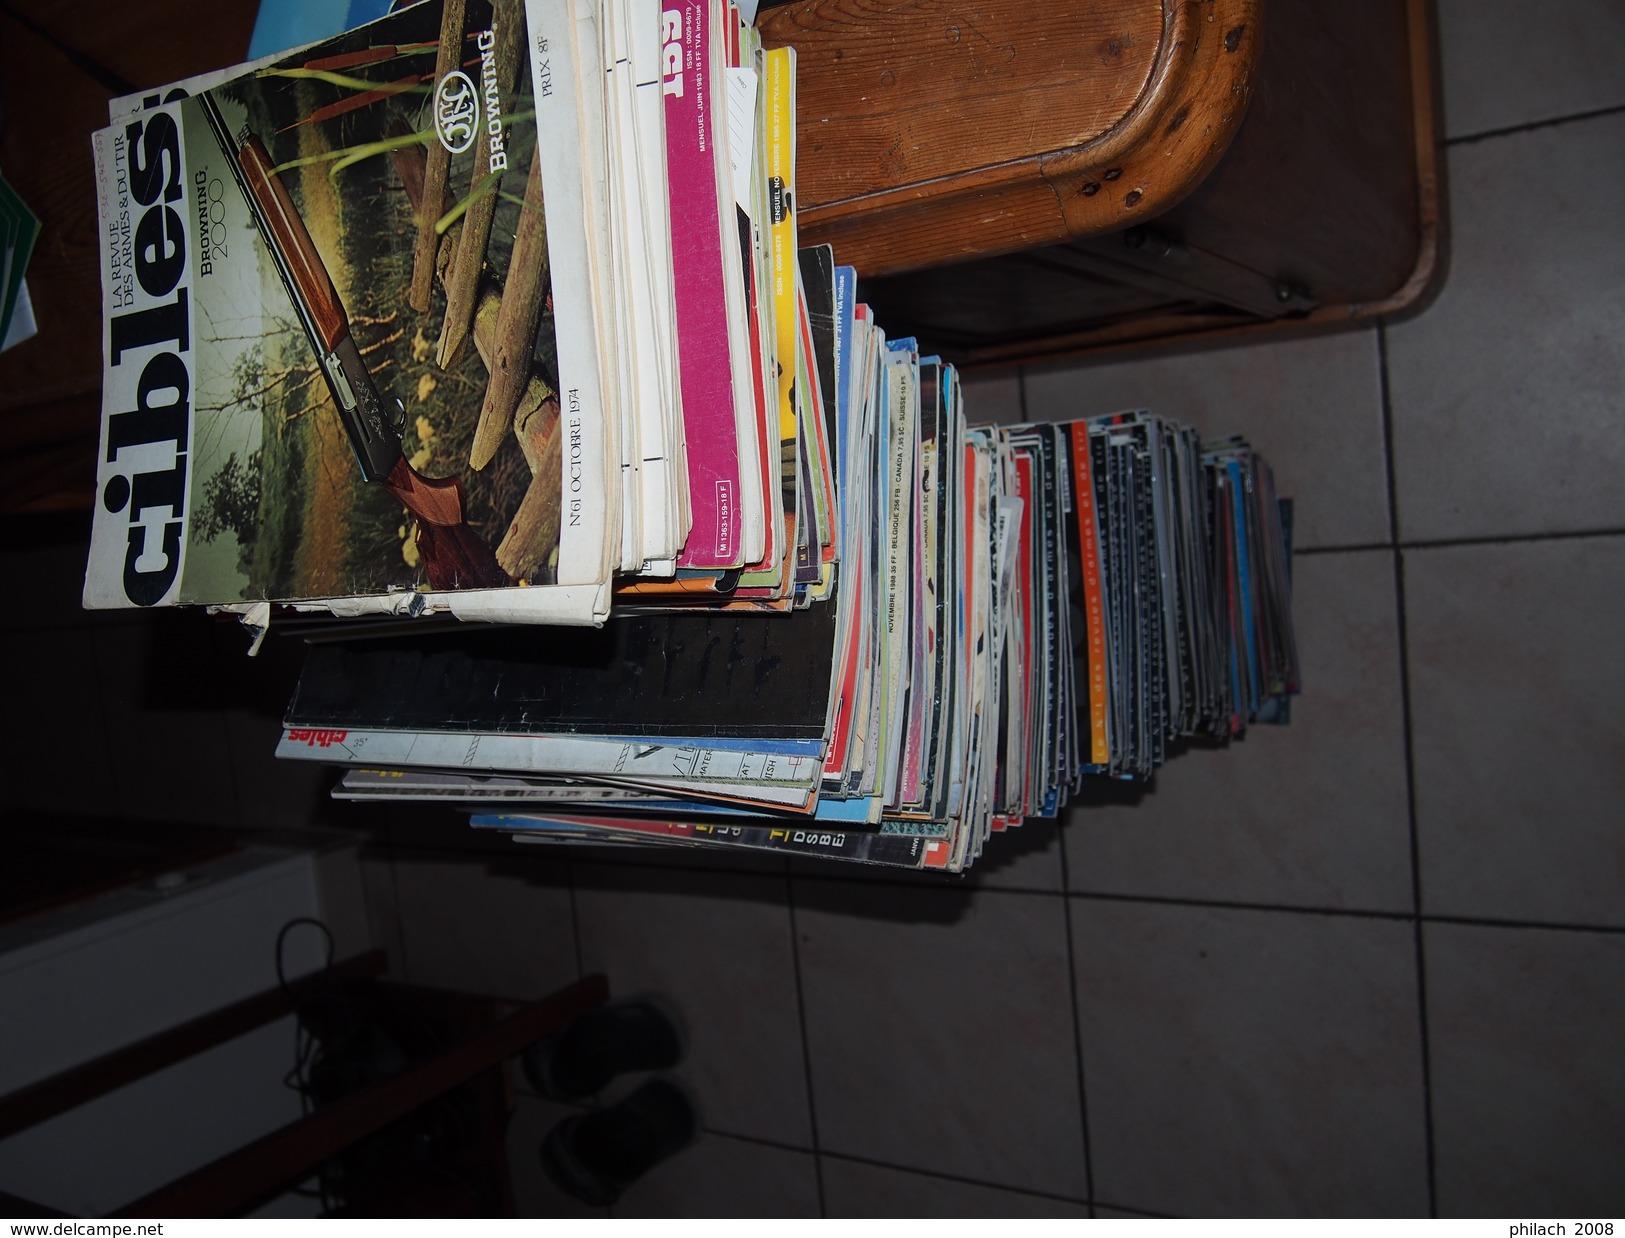 Revue CIBLES 250 Numéros Majoritairement Des Années 90 Et Après (numéro 200 Et Suivant) - Books, Magazines  & Catalogs